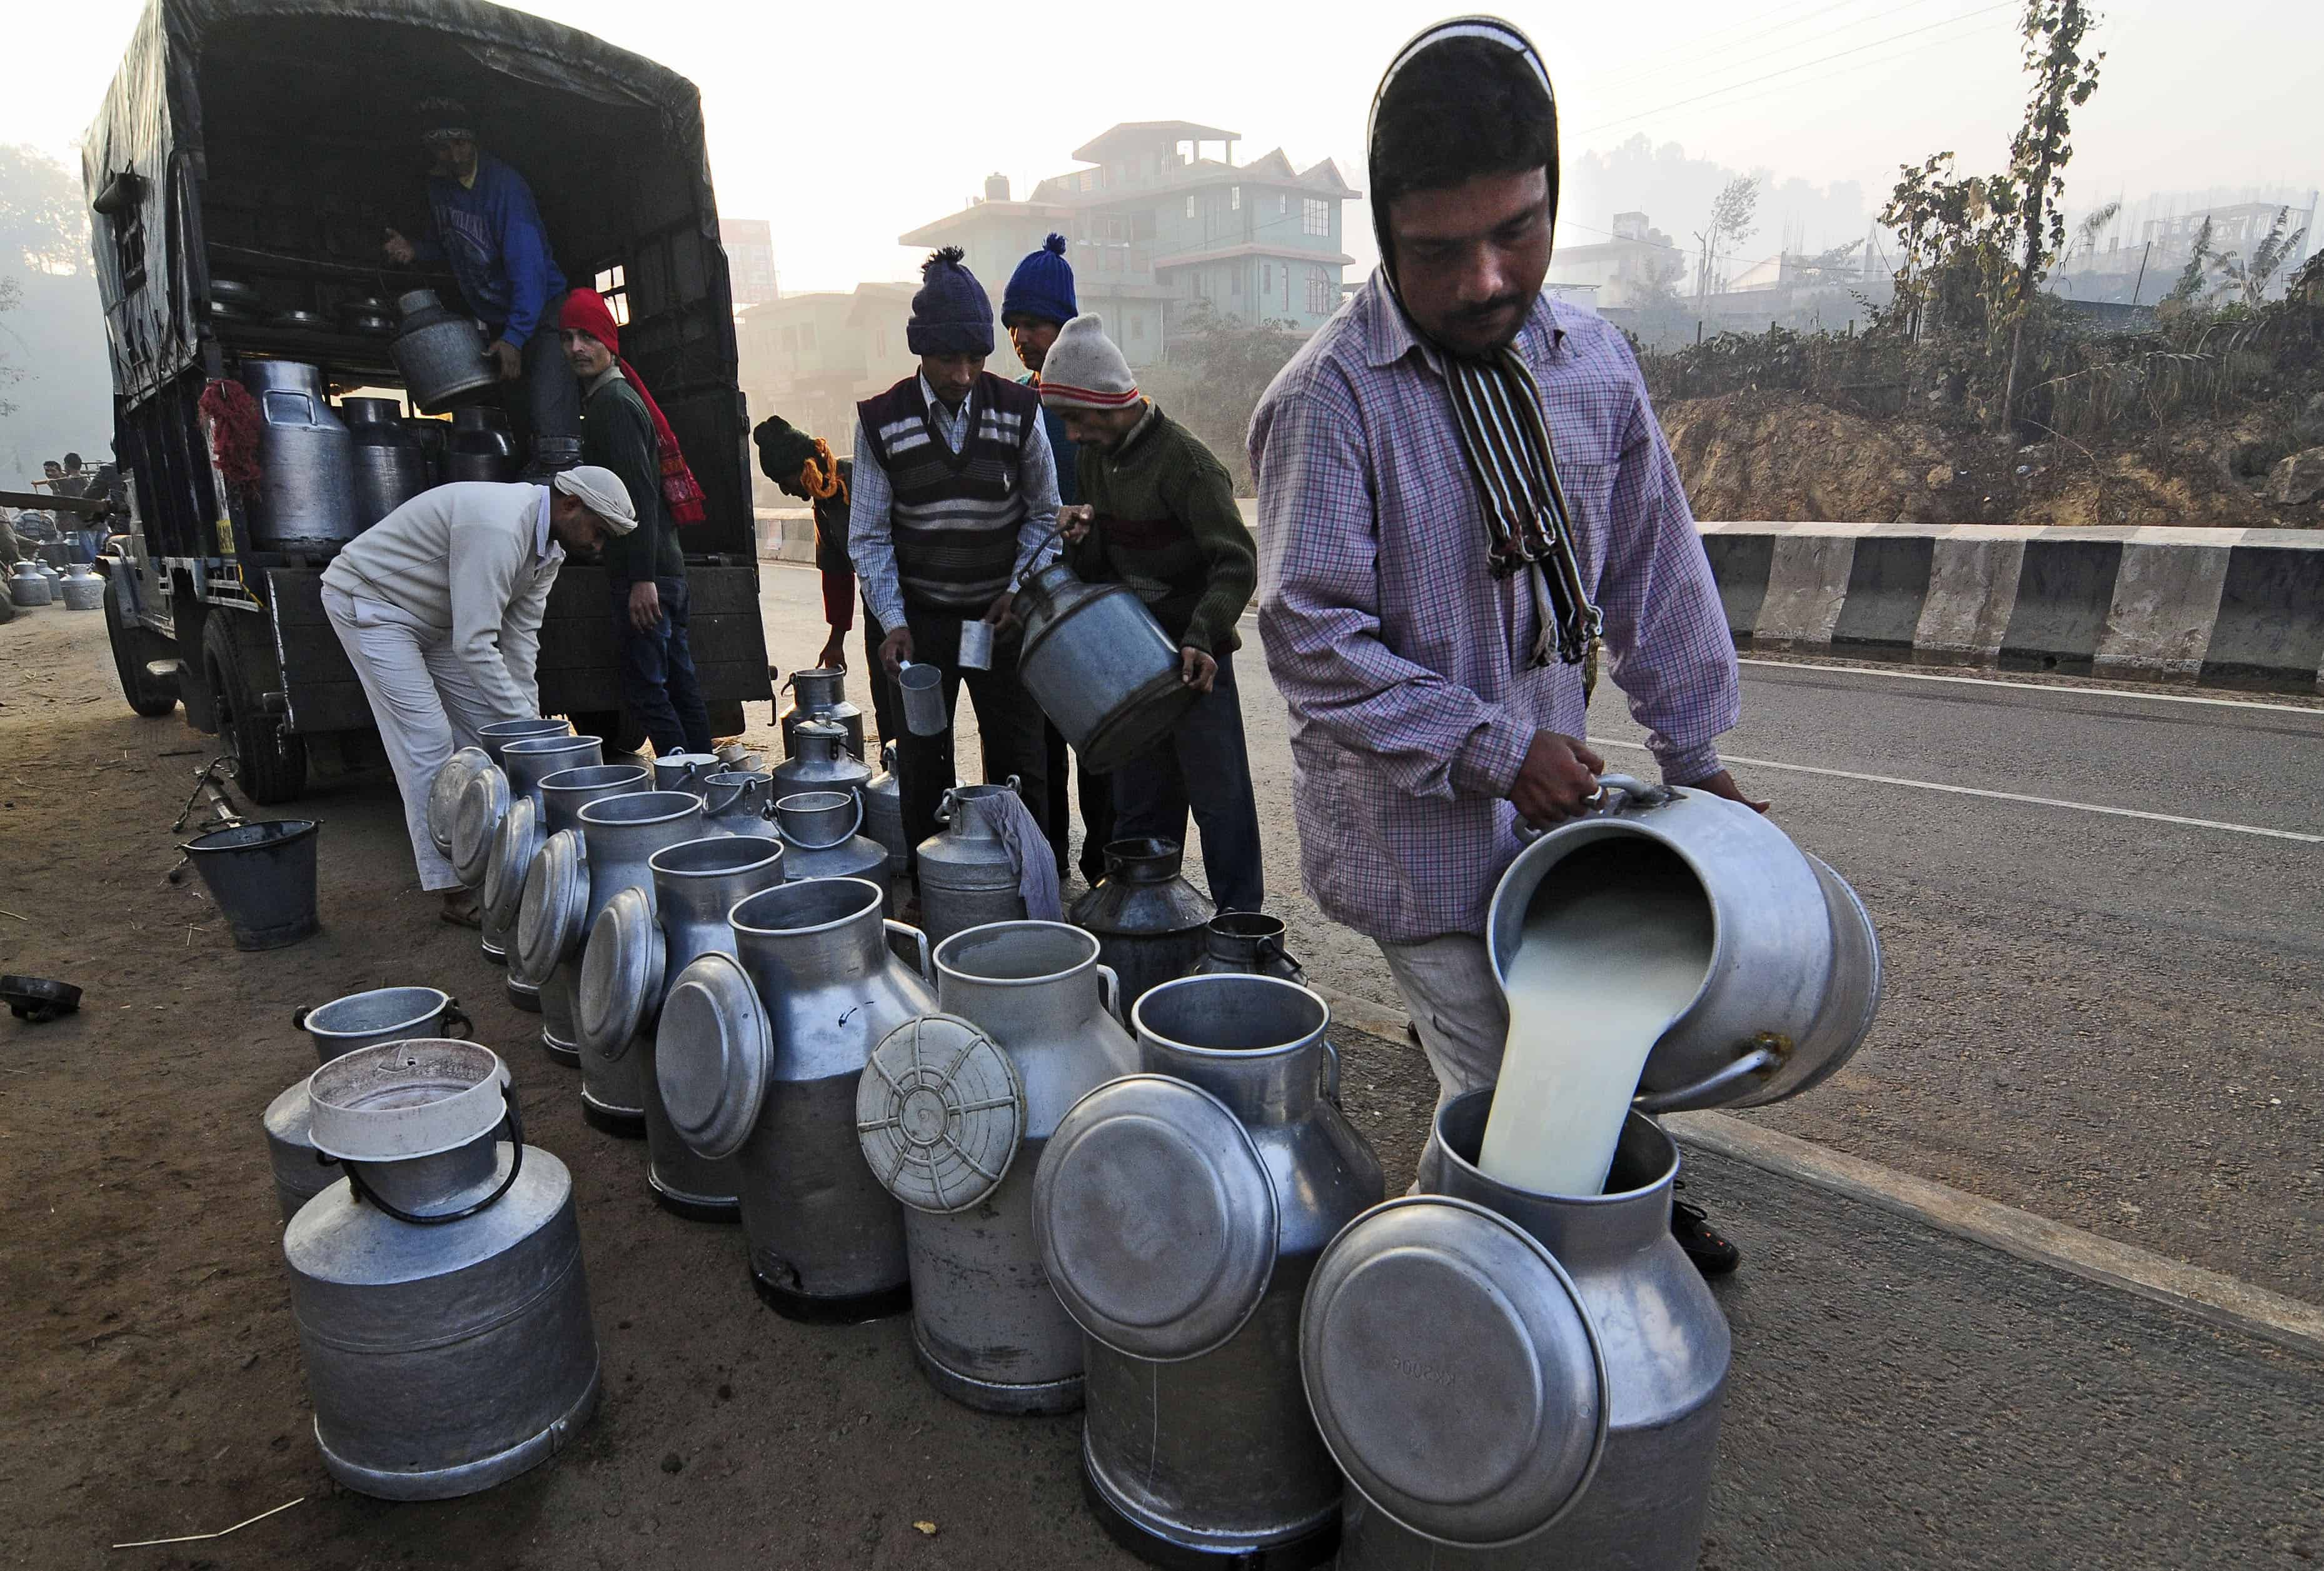 Een man giet melk in een kan, met daarachter een rij kannen en een wagen.